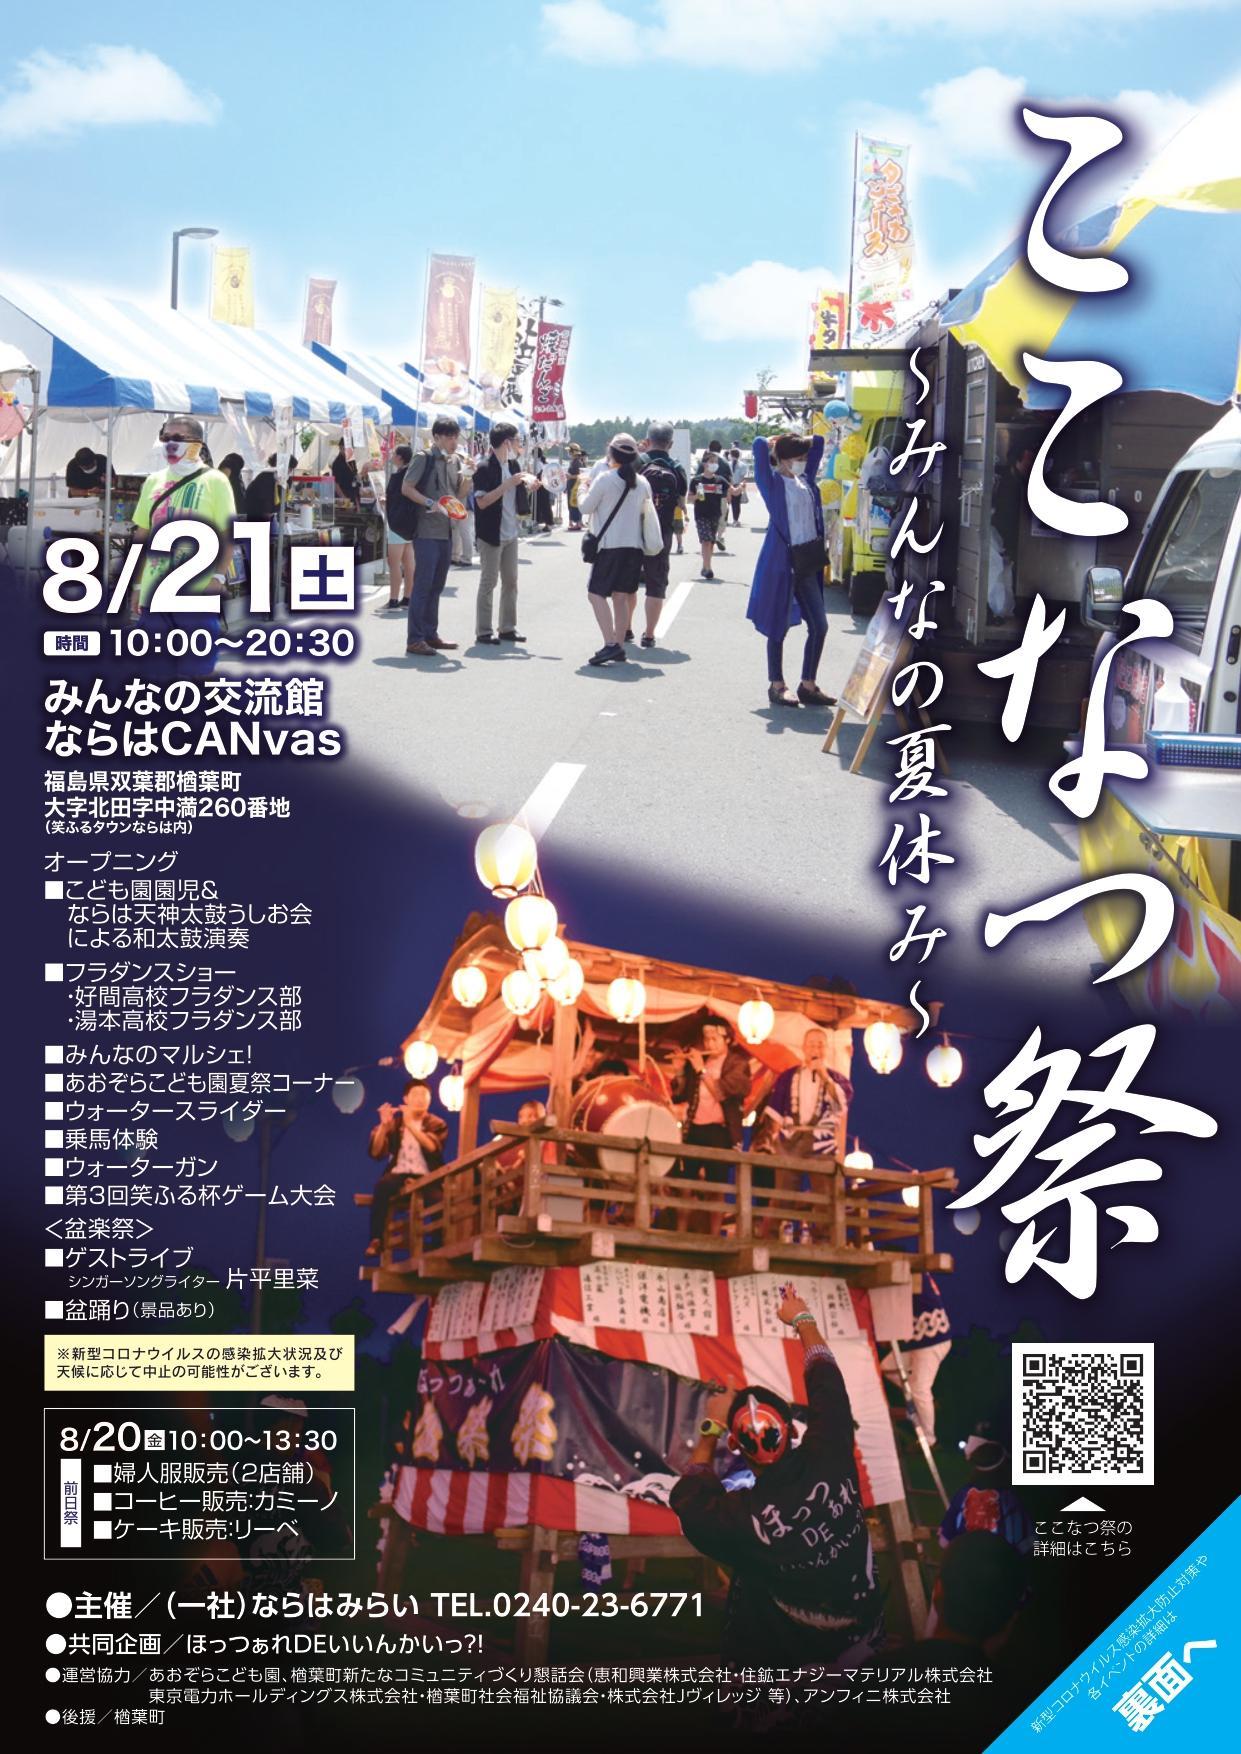 最終_笑ふるタウン3周年_A4表面_page-0001.jpg